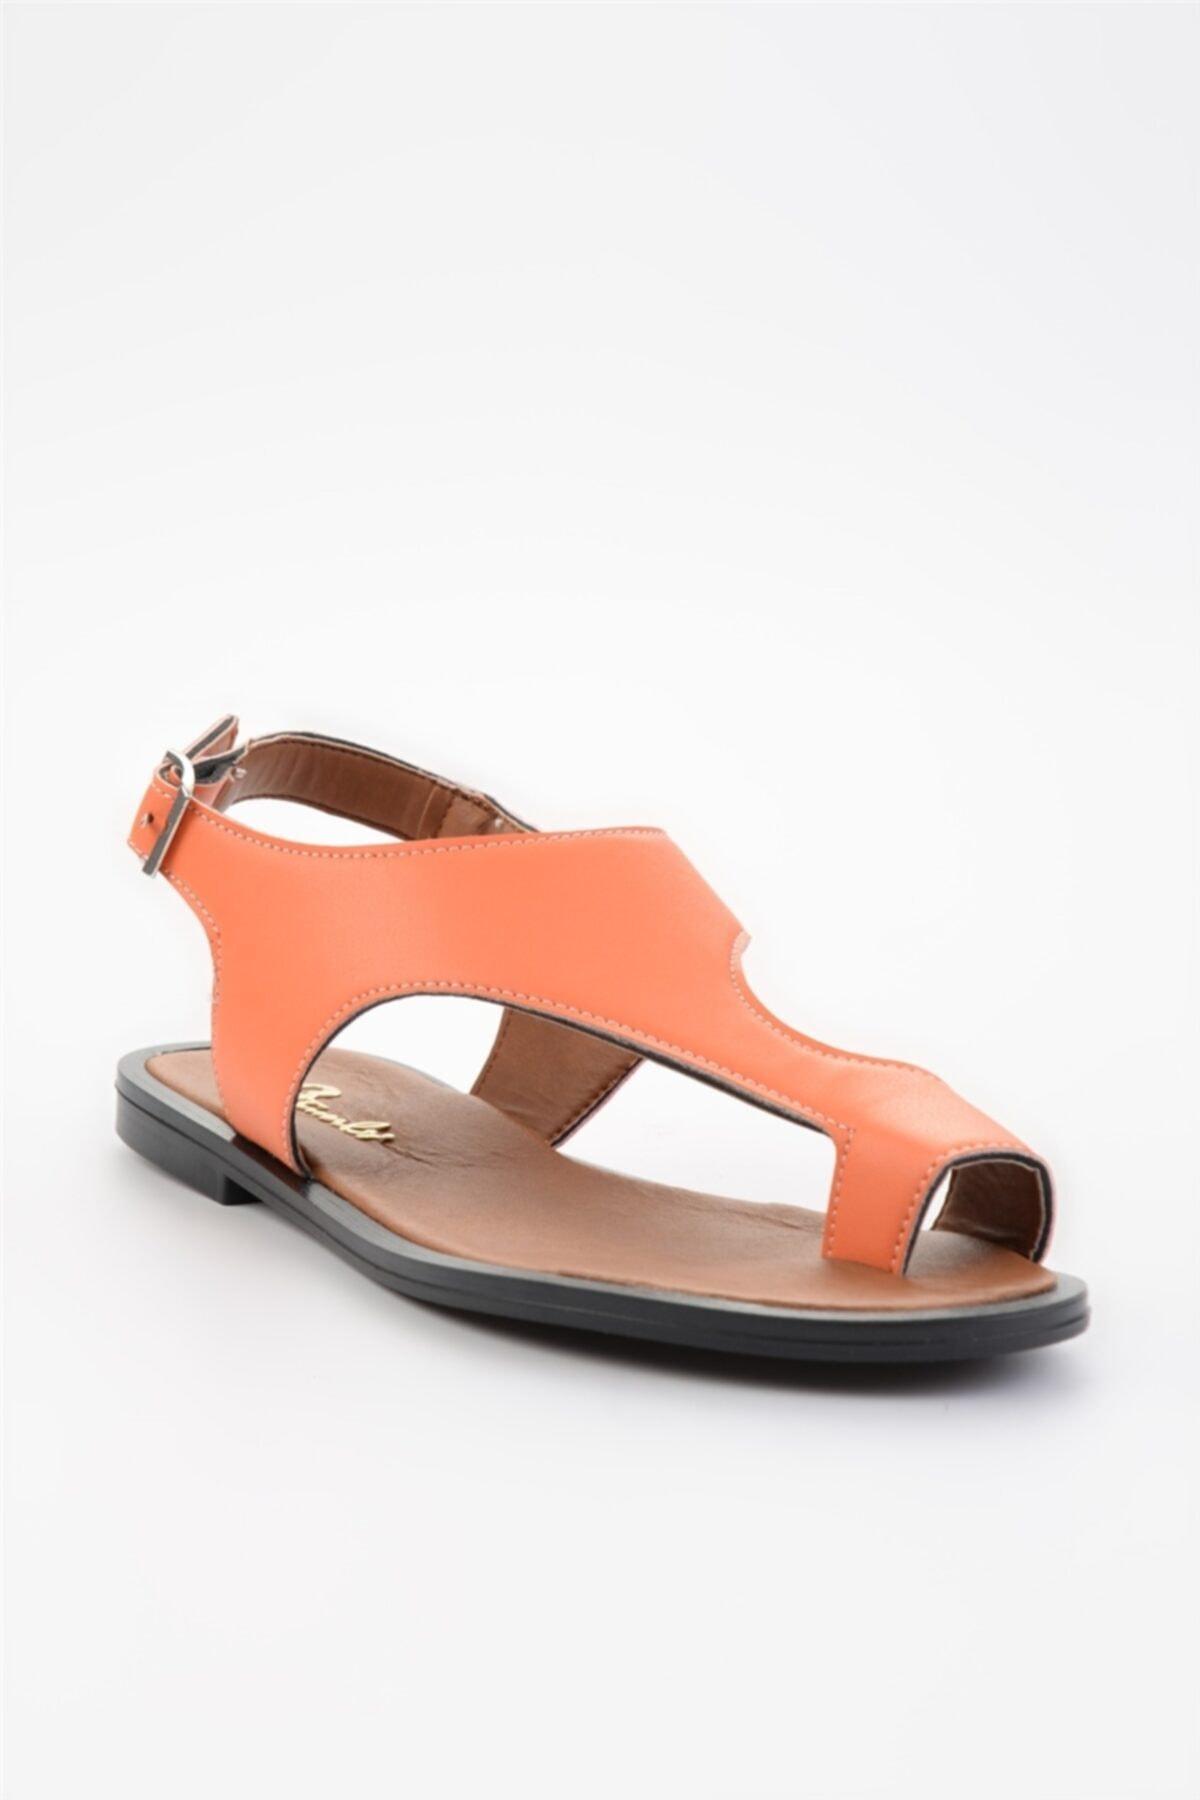 Bambi Turuncu Kadın Sandalet L0835121009 2